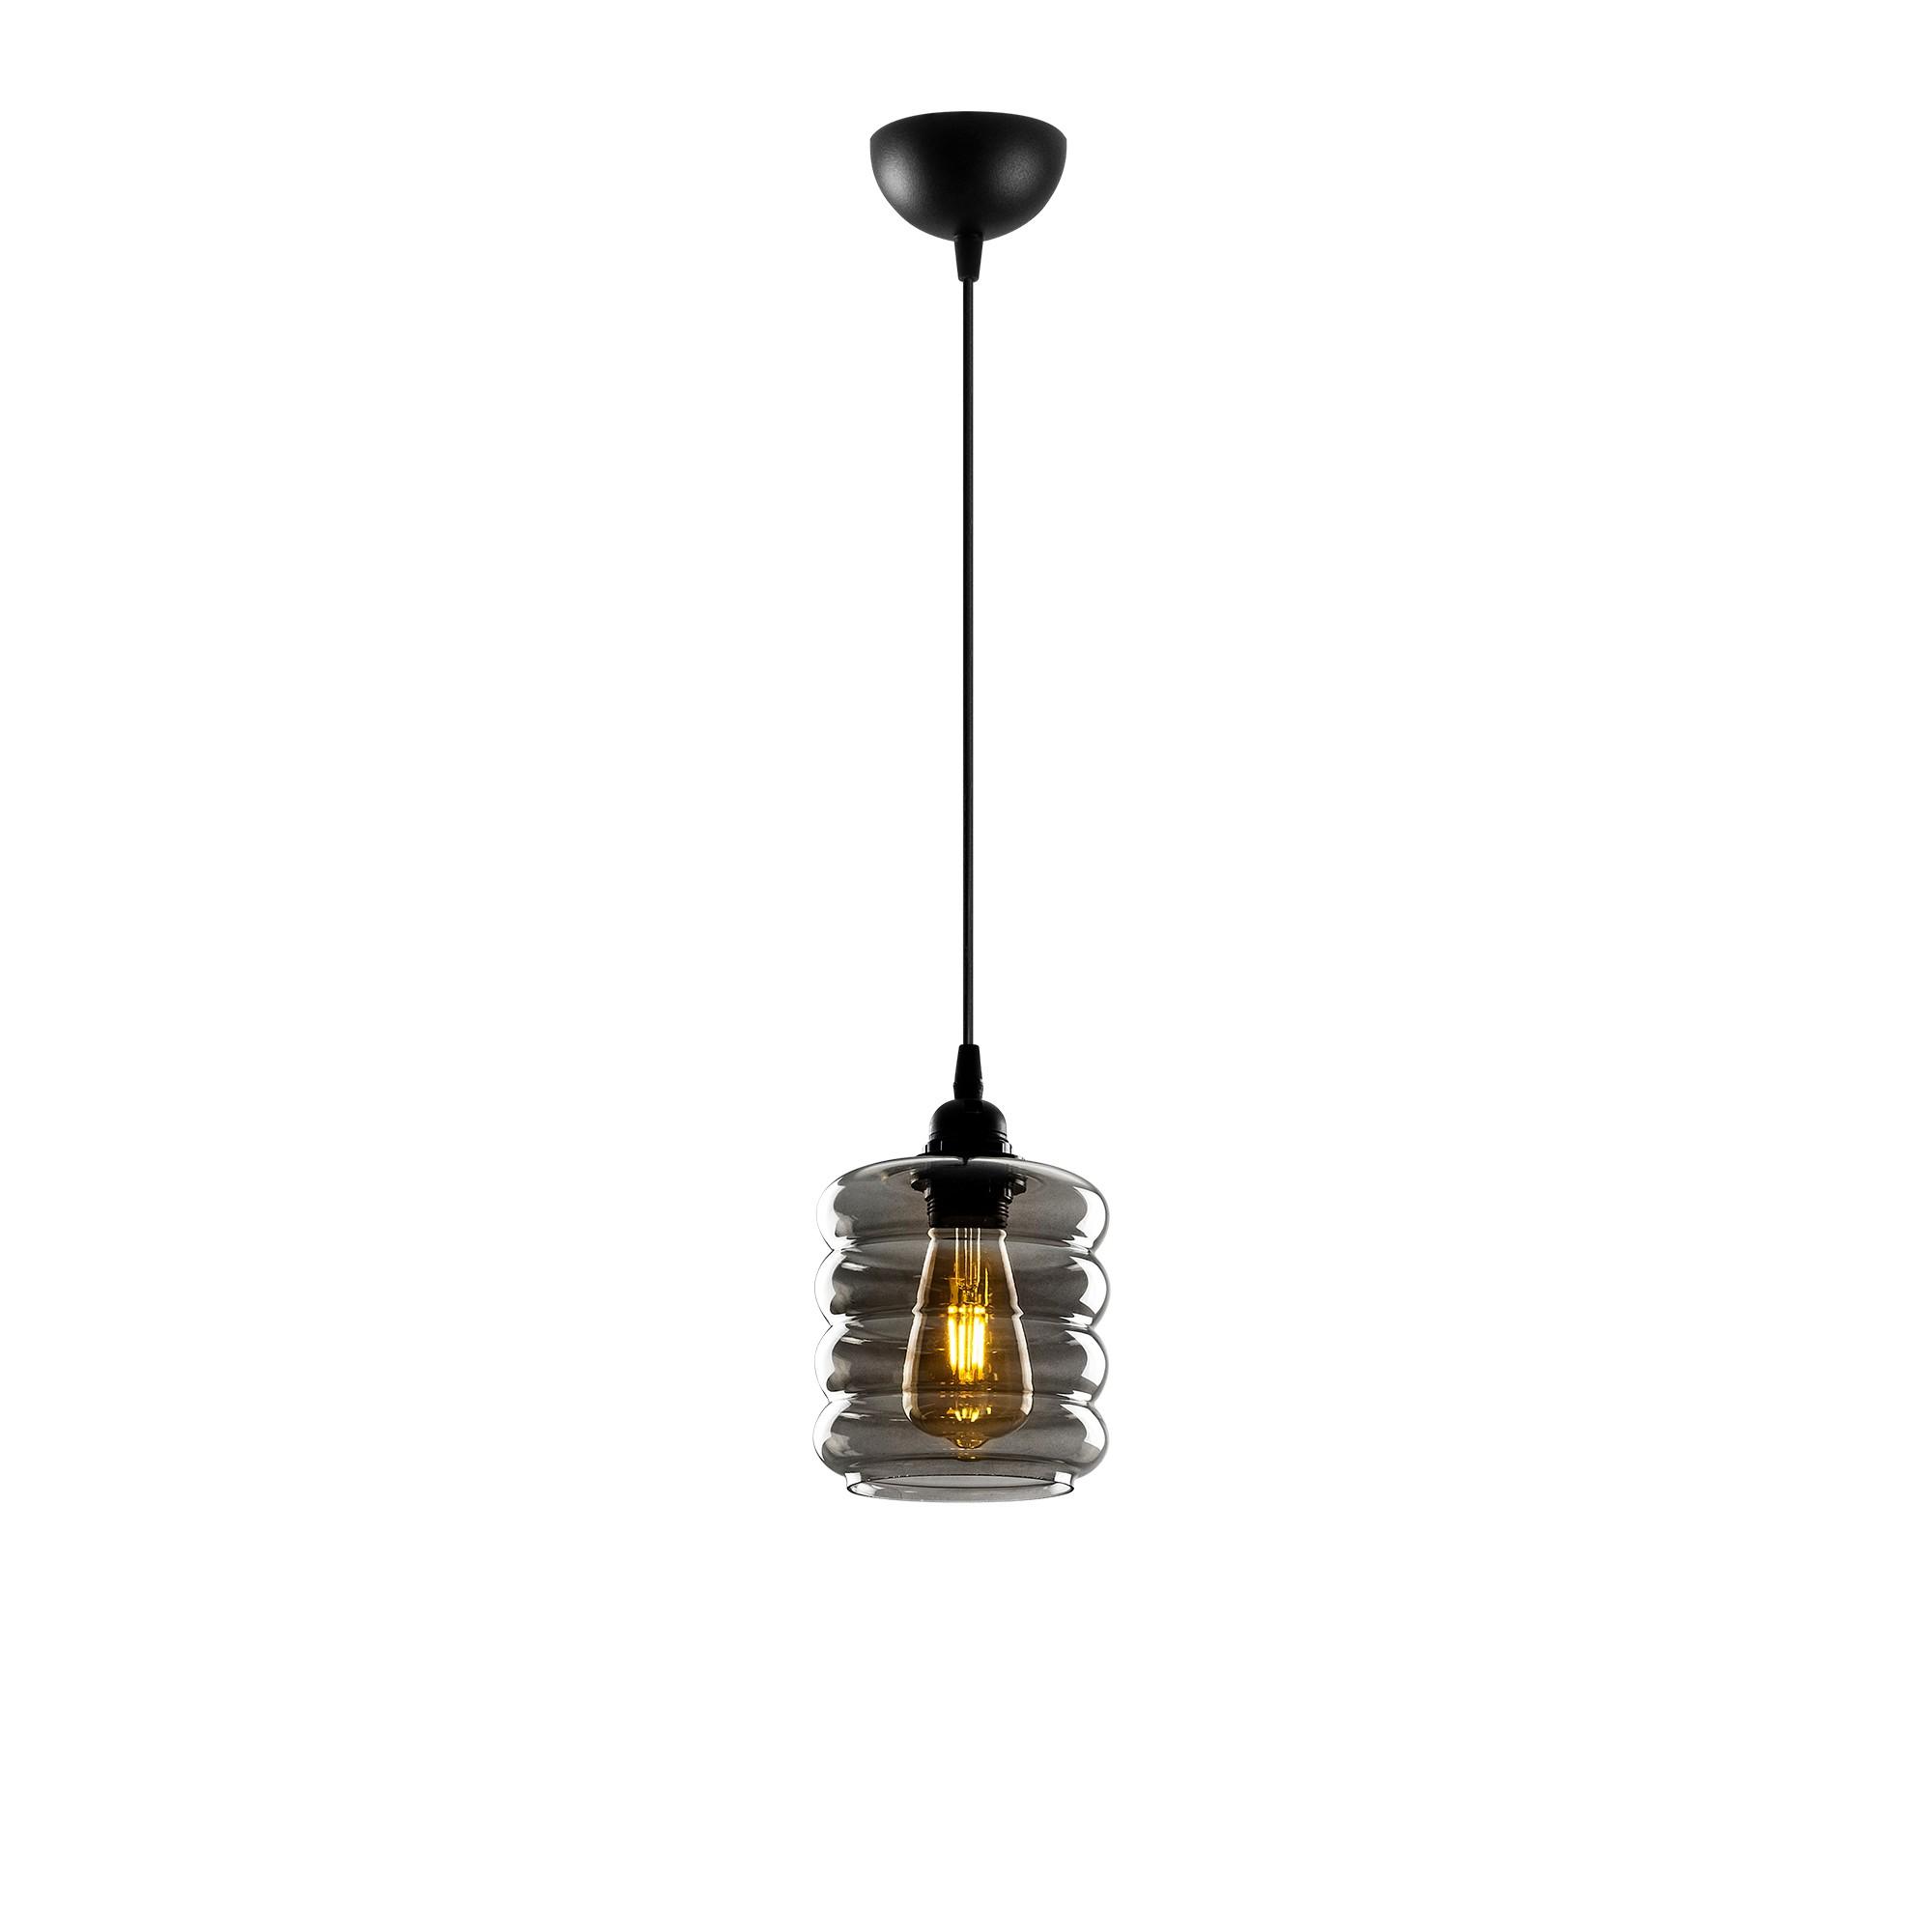 Led hanglamp met golven 1 x E27 fitting - vooraanzicht lamp aan